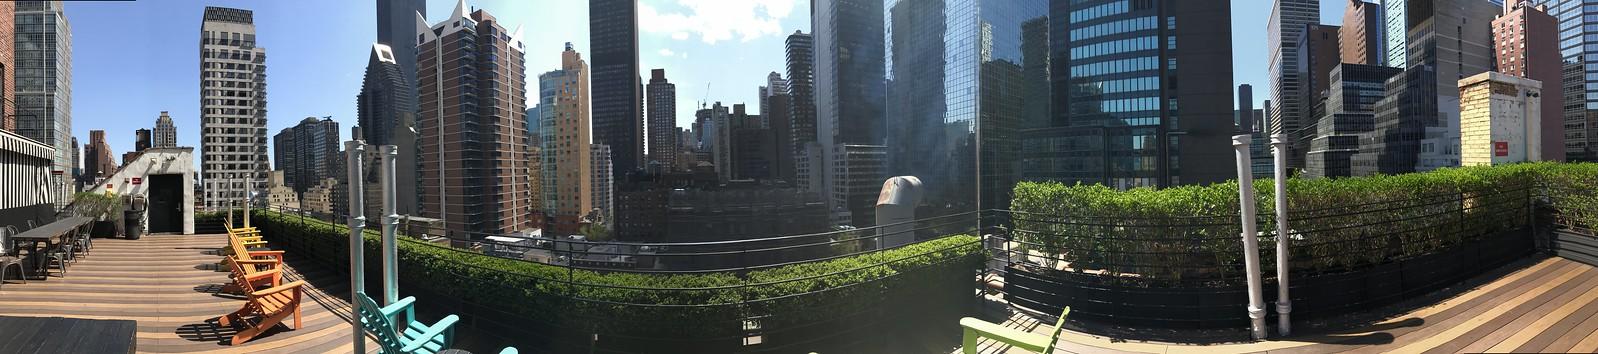 POD 51 NEW YORK, NY